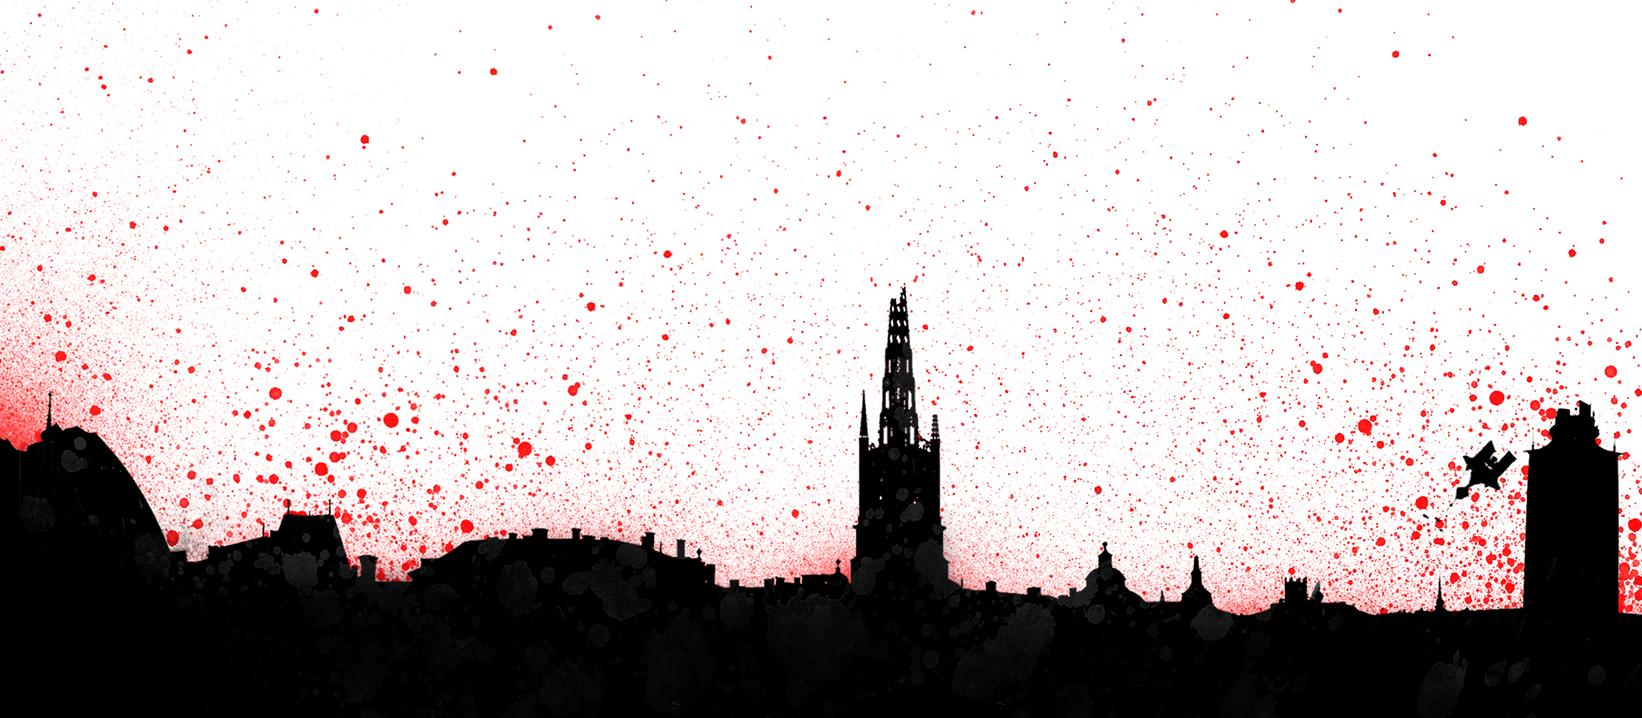 stockholms undergång banner ny